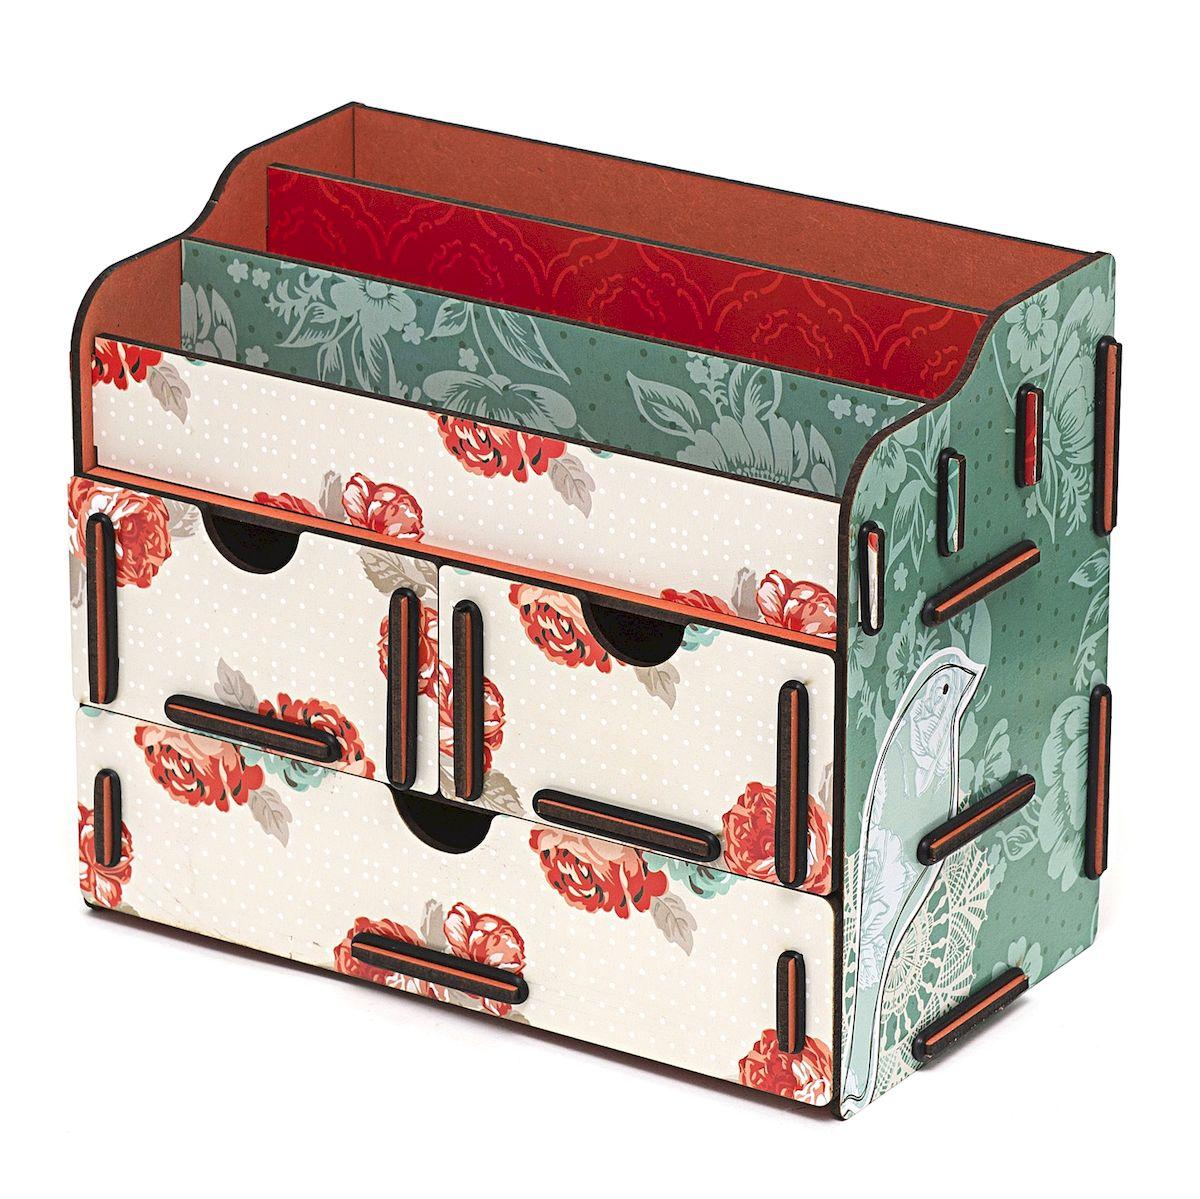 Органайзер для косметики и украшений Homsu Цветы, 24 x 14 x 19 смZ-0307Настольный органайзер Homsu Цветы выполнен из МДФ и собирается из съемных деталей. Изделие подходит для косметики и украшений. Органайзер имеет 3 выдвижных ящичка и 3 секции для хранения косметики, парфюмерии и аксессуаров, его можно поставить на столе, он станет отличным дополнением интерьера. Изделие позволяет разместить все самое необходимое для женщины и всегда иметь это под рукой. Размер малого ящика: 11 х 14,5 см.Размер большого ящика: 22 х 14,5 см.